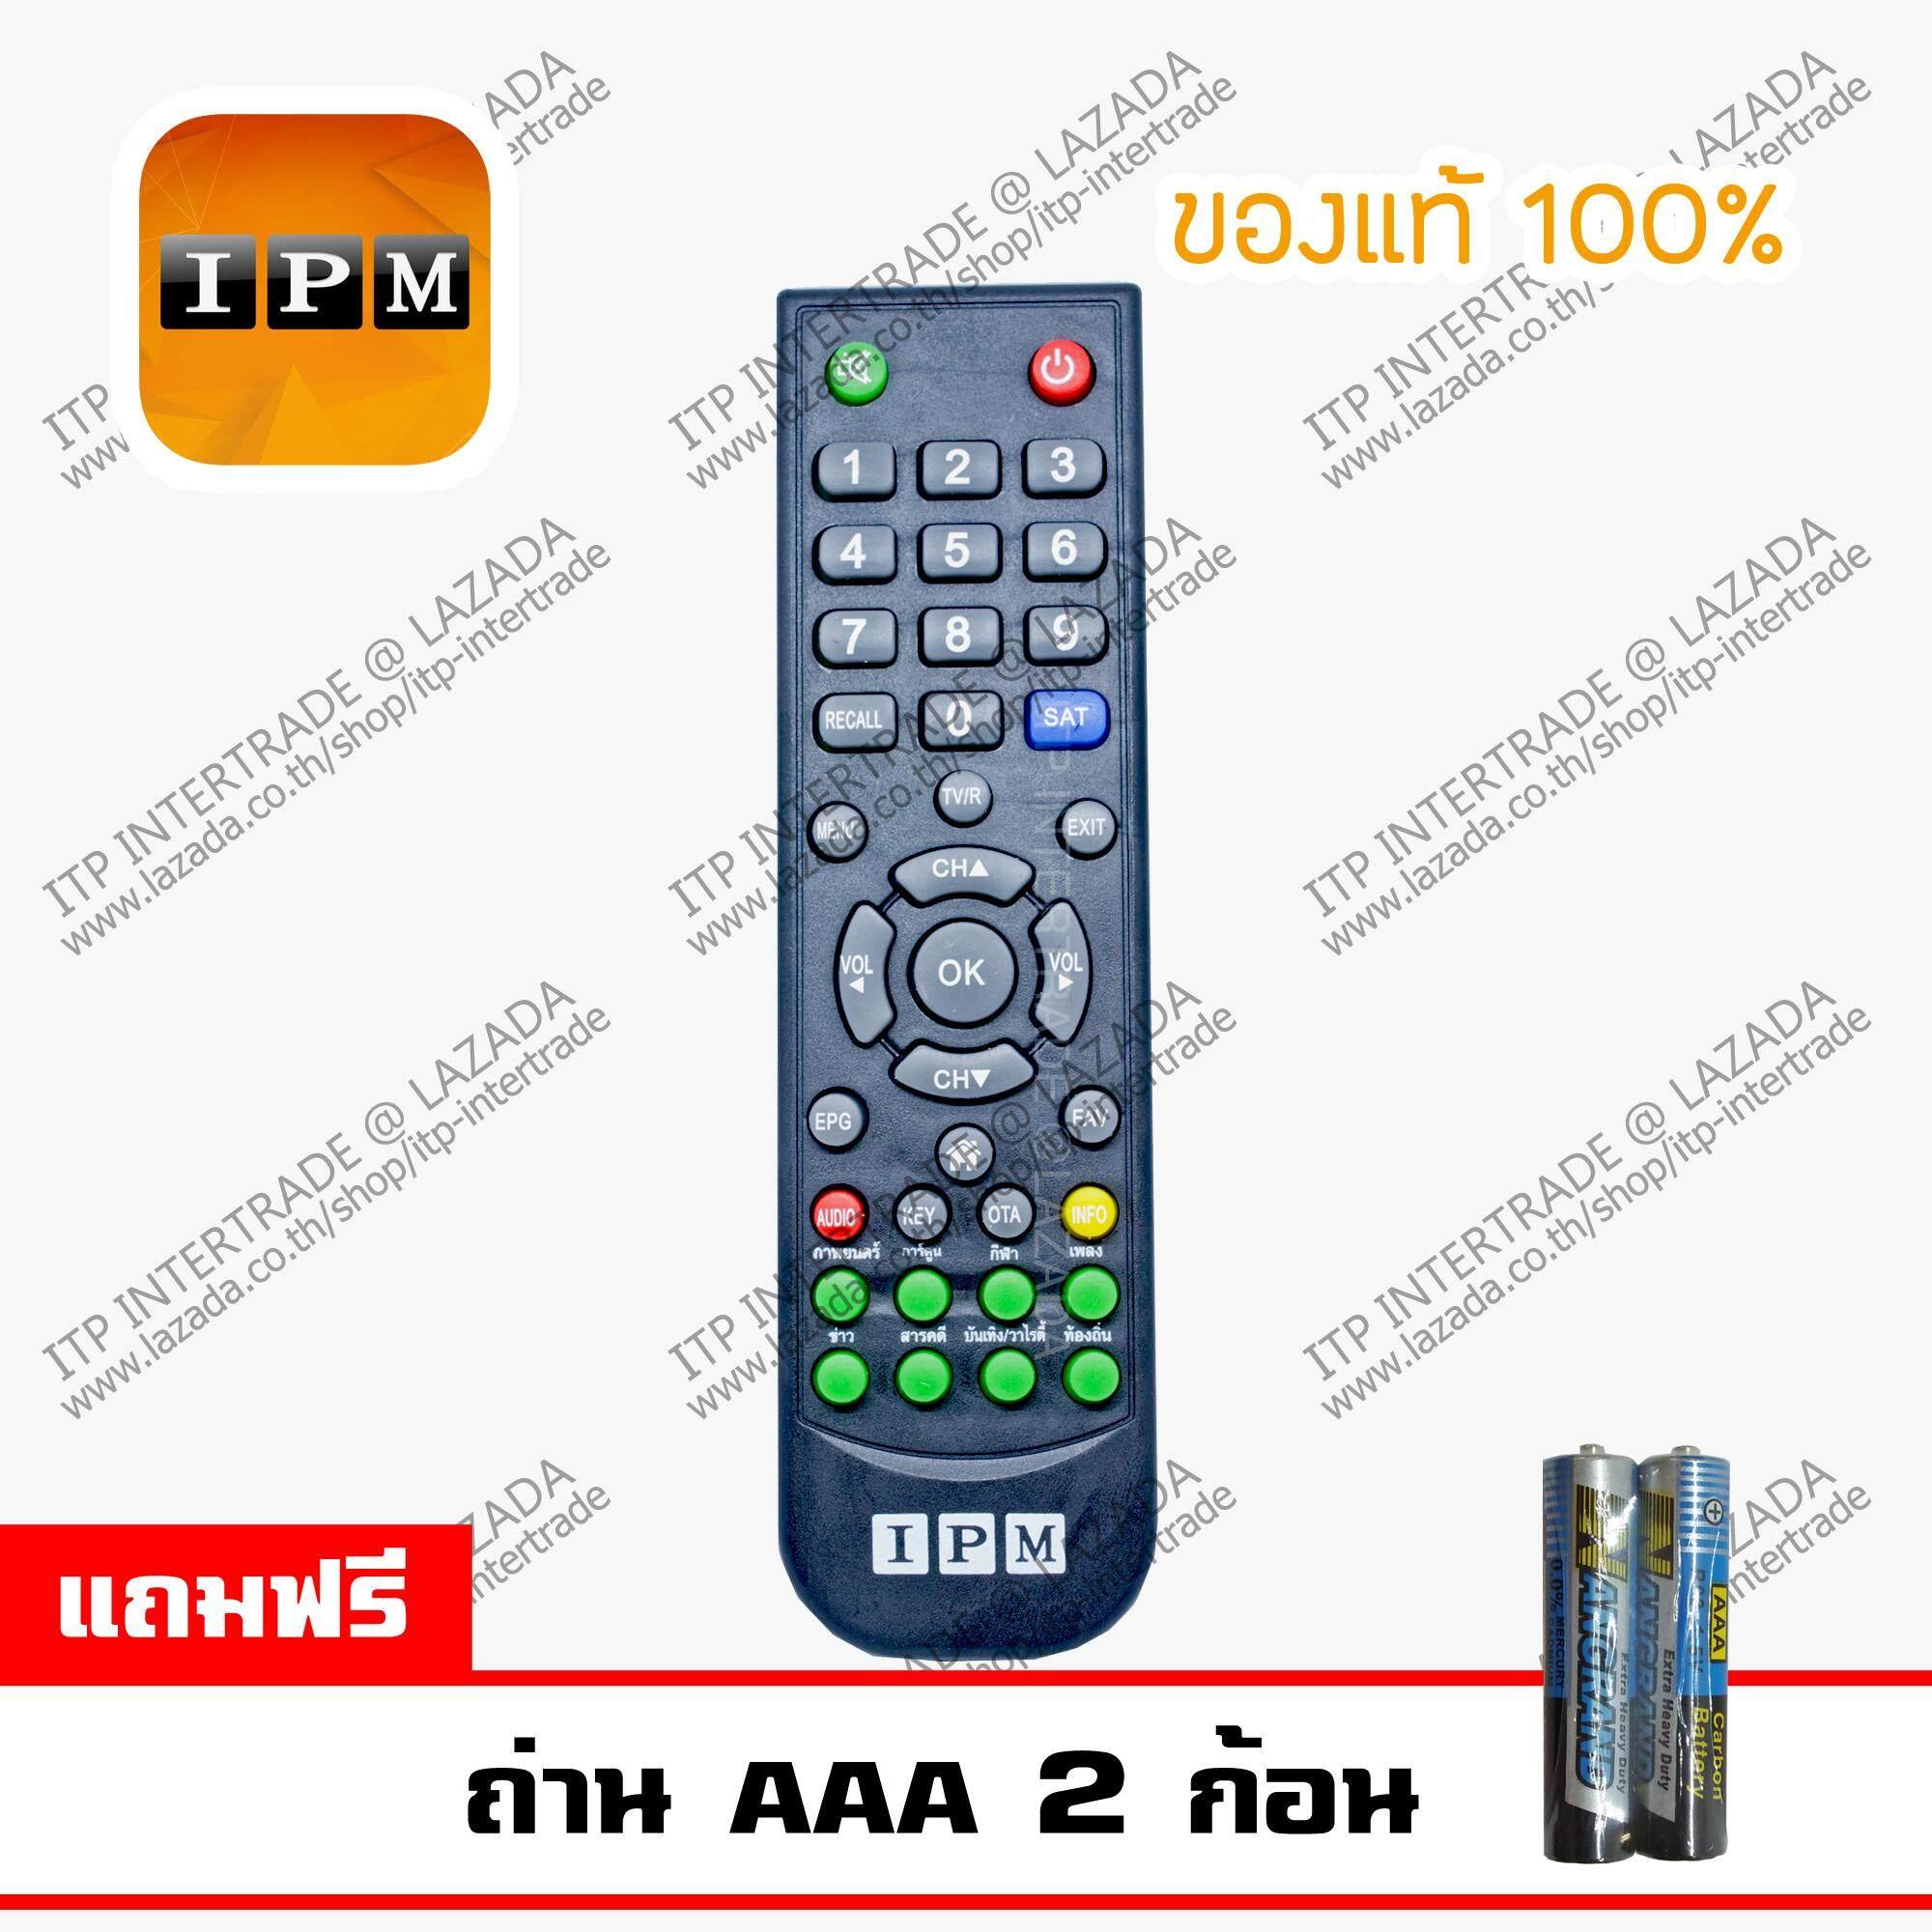 สุดยอดสินค้า!! IPM Remote SD รีโมทใช้กับกล่องดาวเทียม IPM ได้ทุกรุ่น แถมถ่าน AAA 2 ก้อน ของแท้ 100% (ส่ง kerry ฟรี)